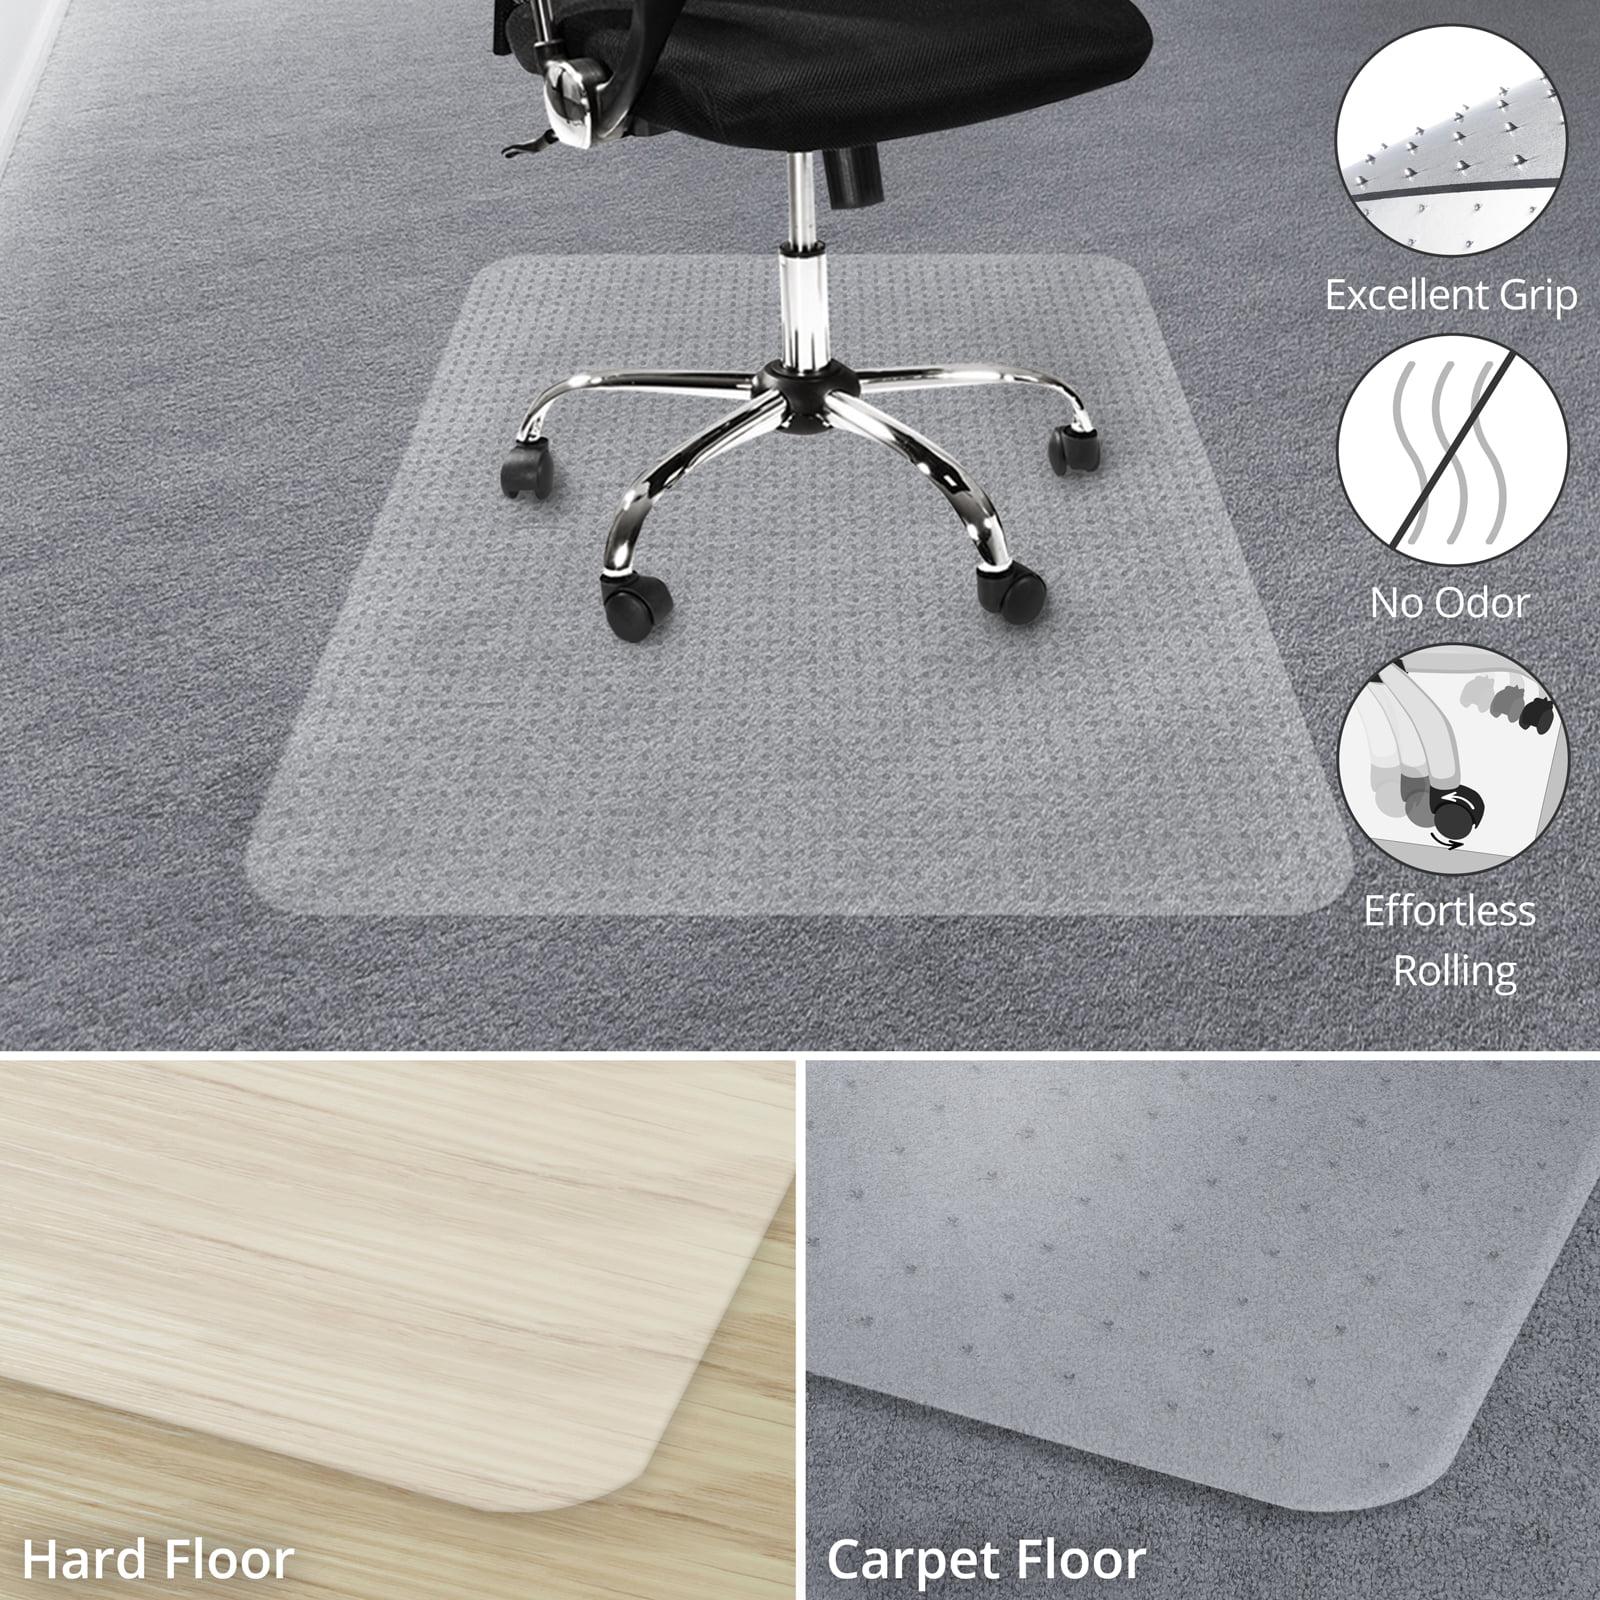 Chair Mat For Carpet Floors